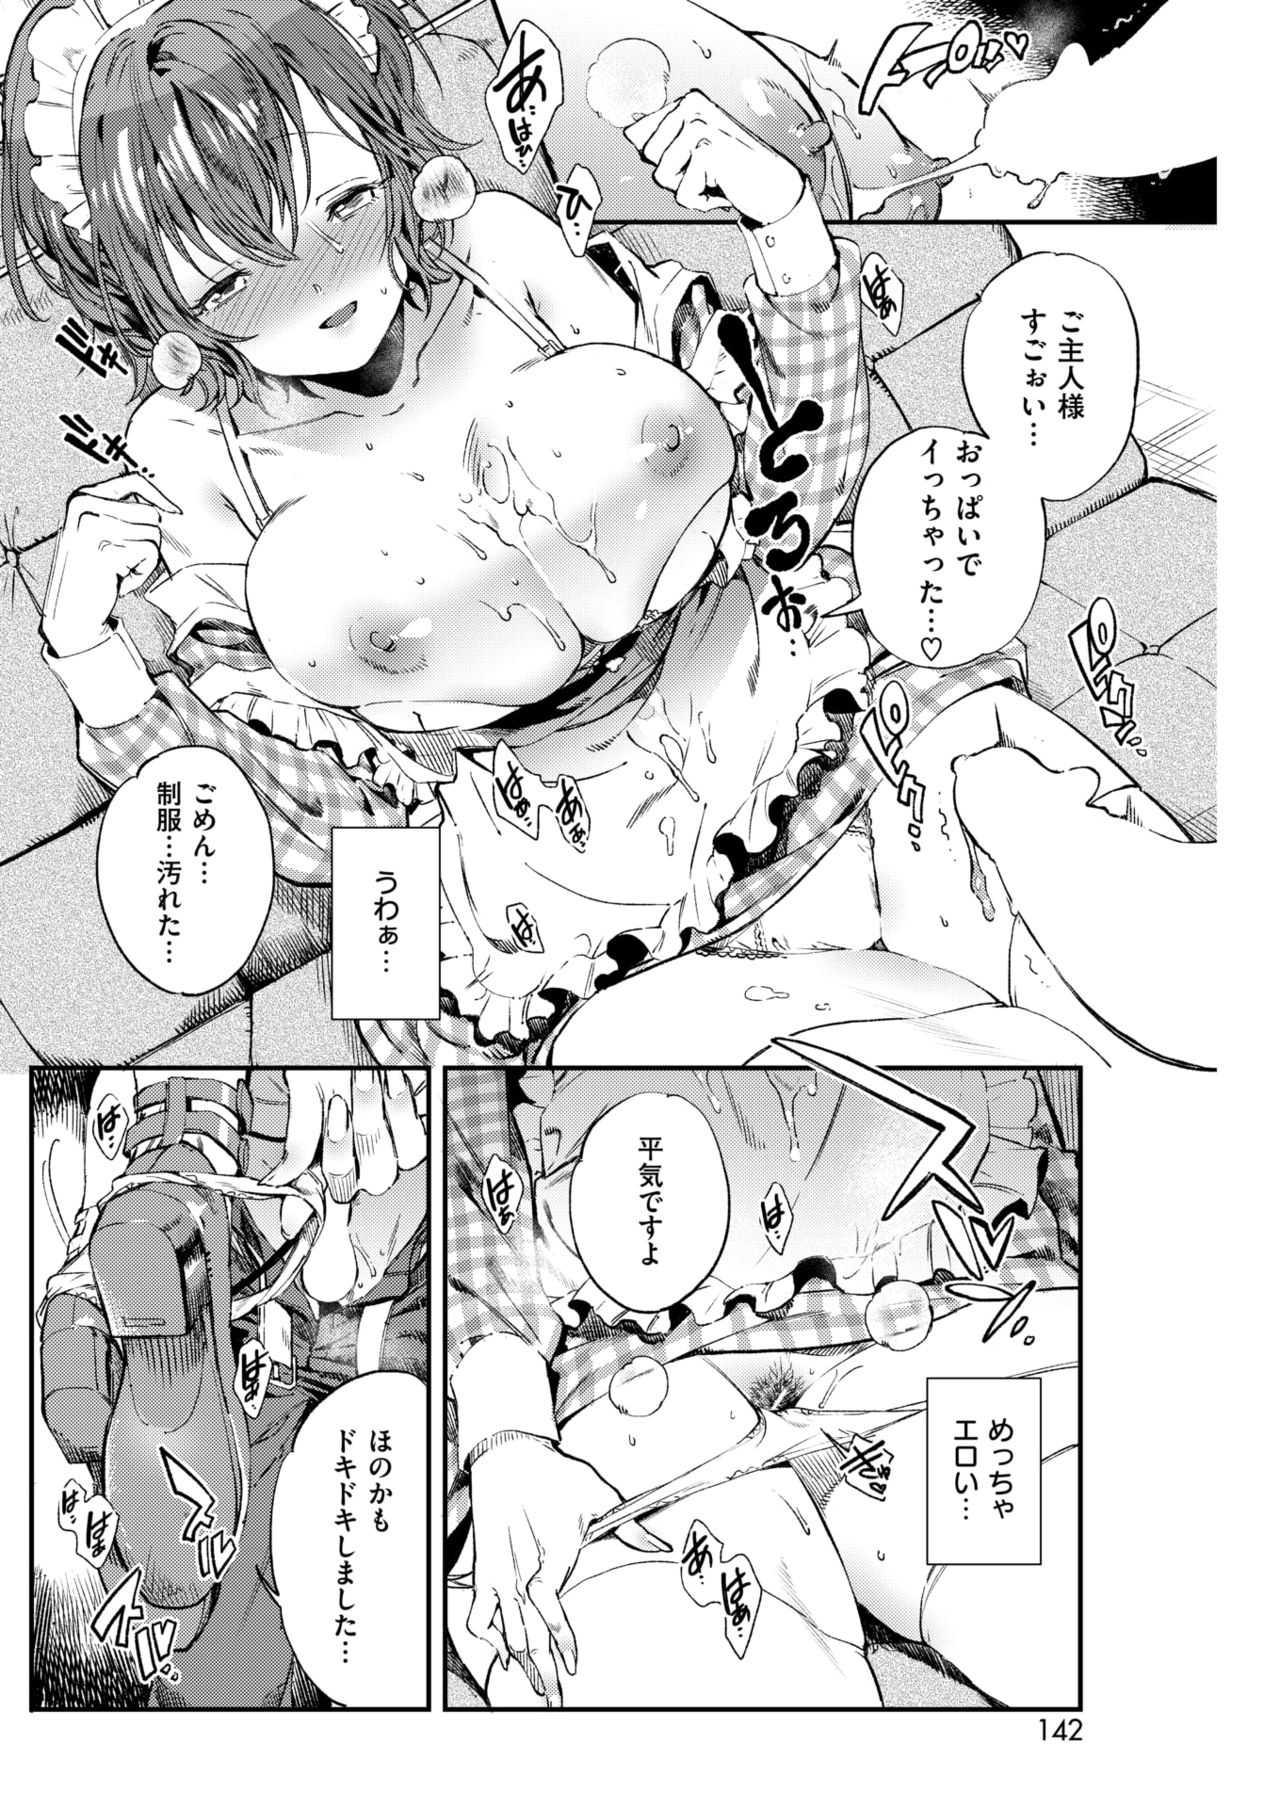 【エロ漫画】癒し系ドジっ子メイドさんが爆乳おっぱいで一生懸命ご奉仕www